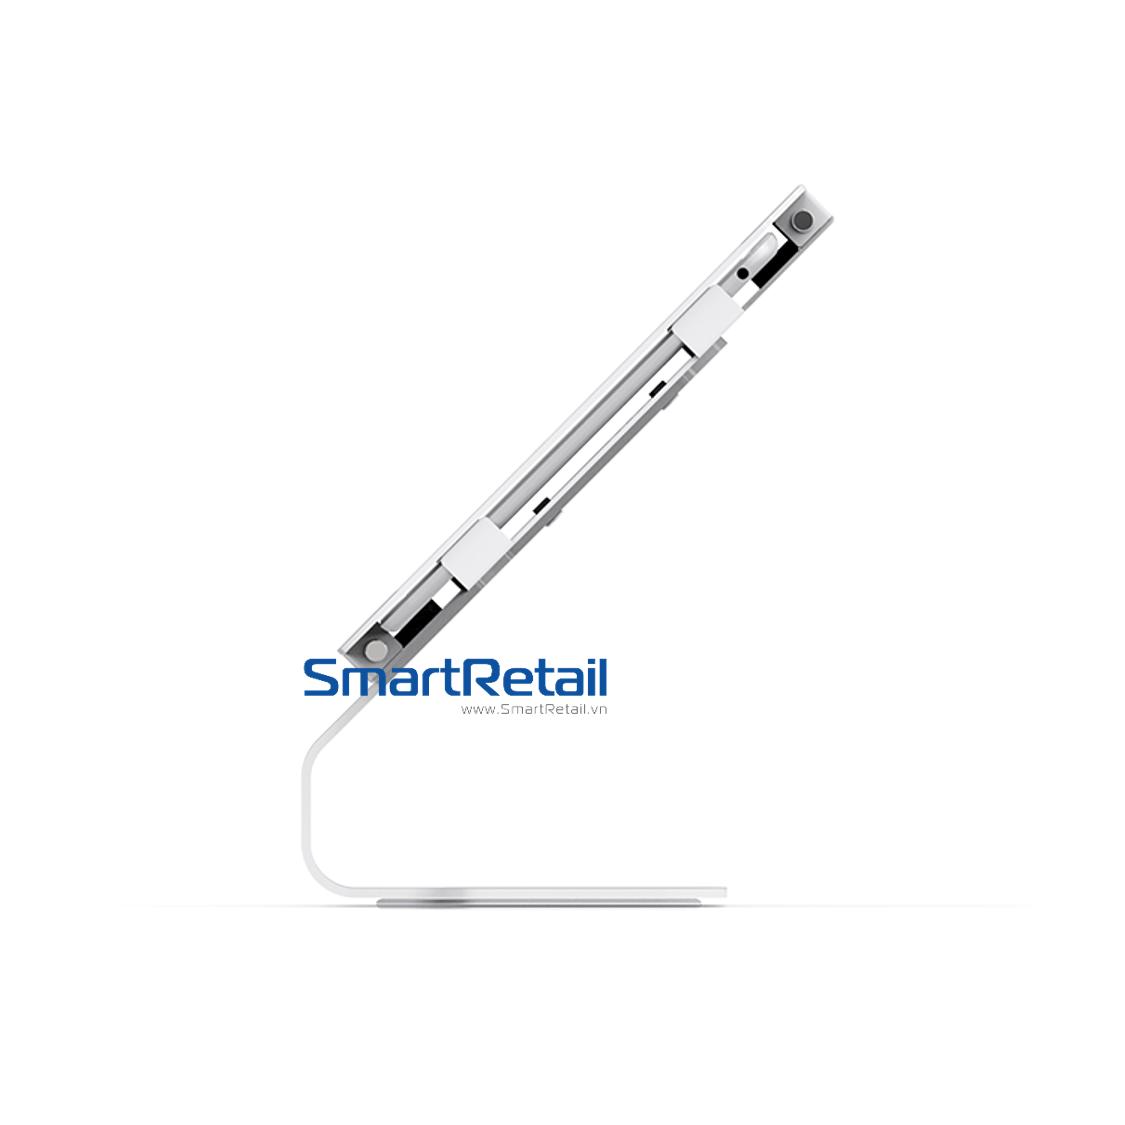 SmartRetail Thiet bi bao ve Tablet SC101 3